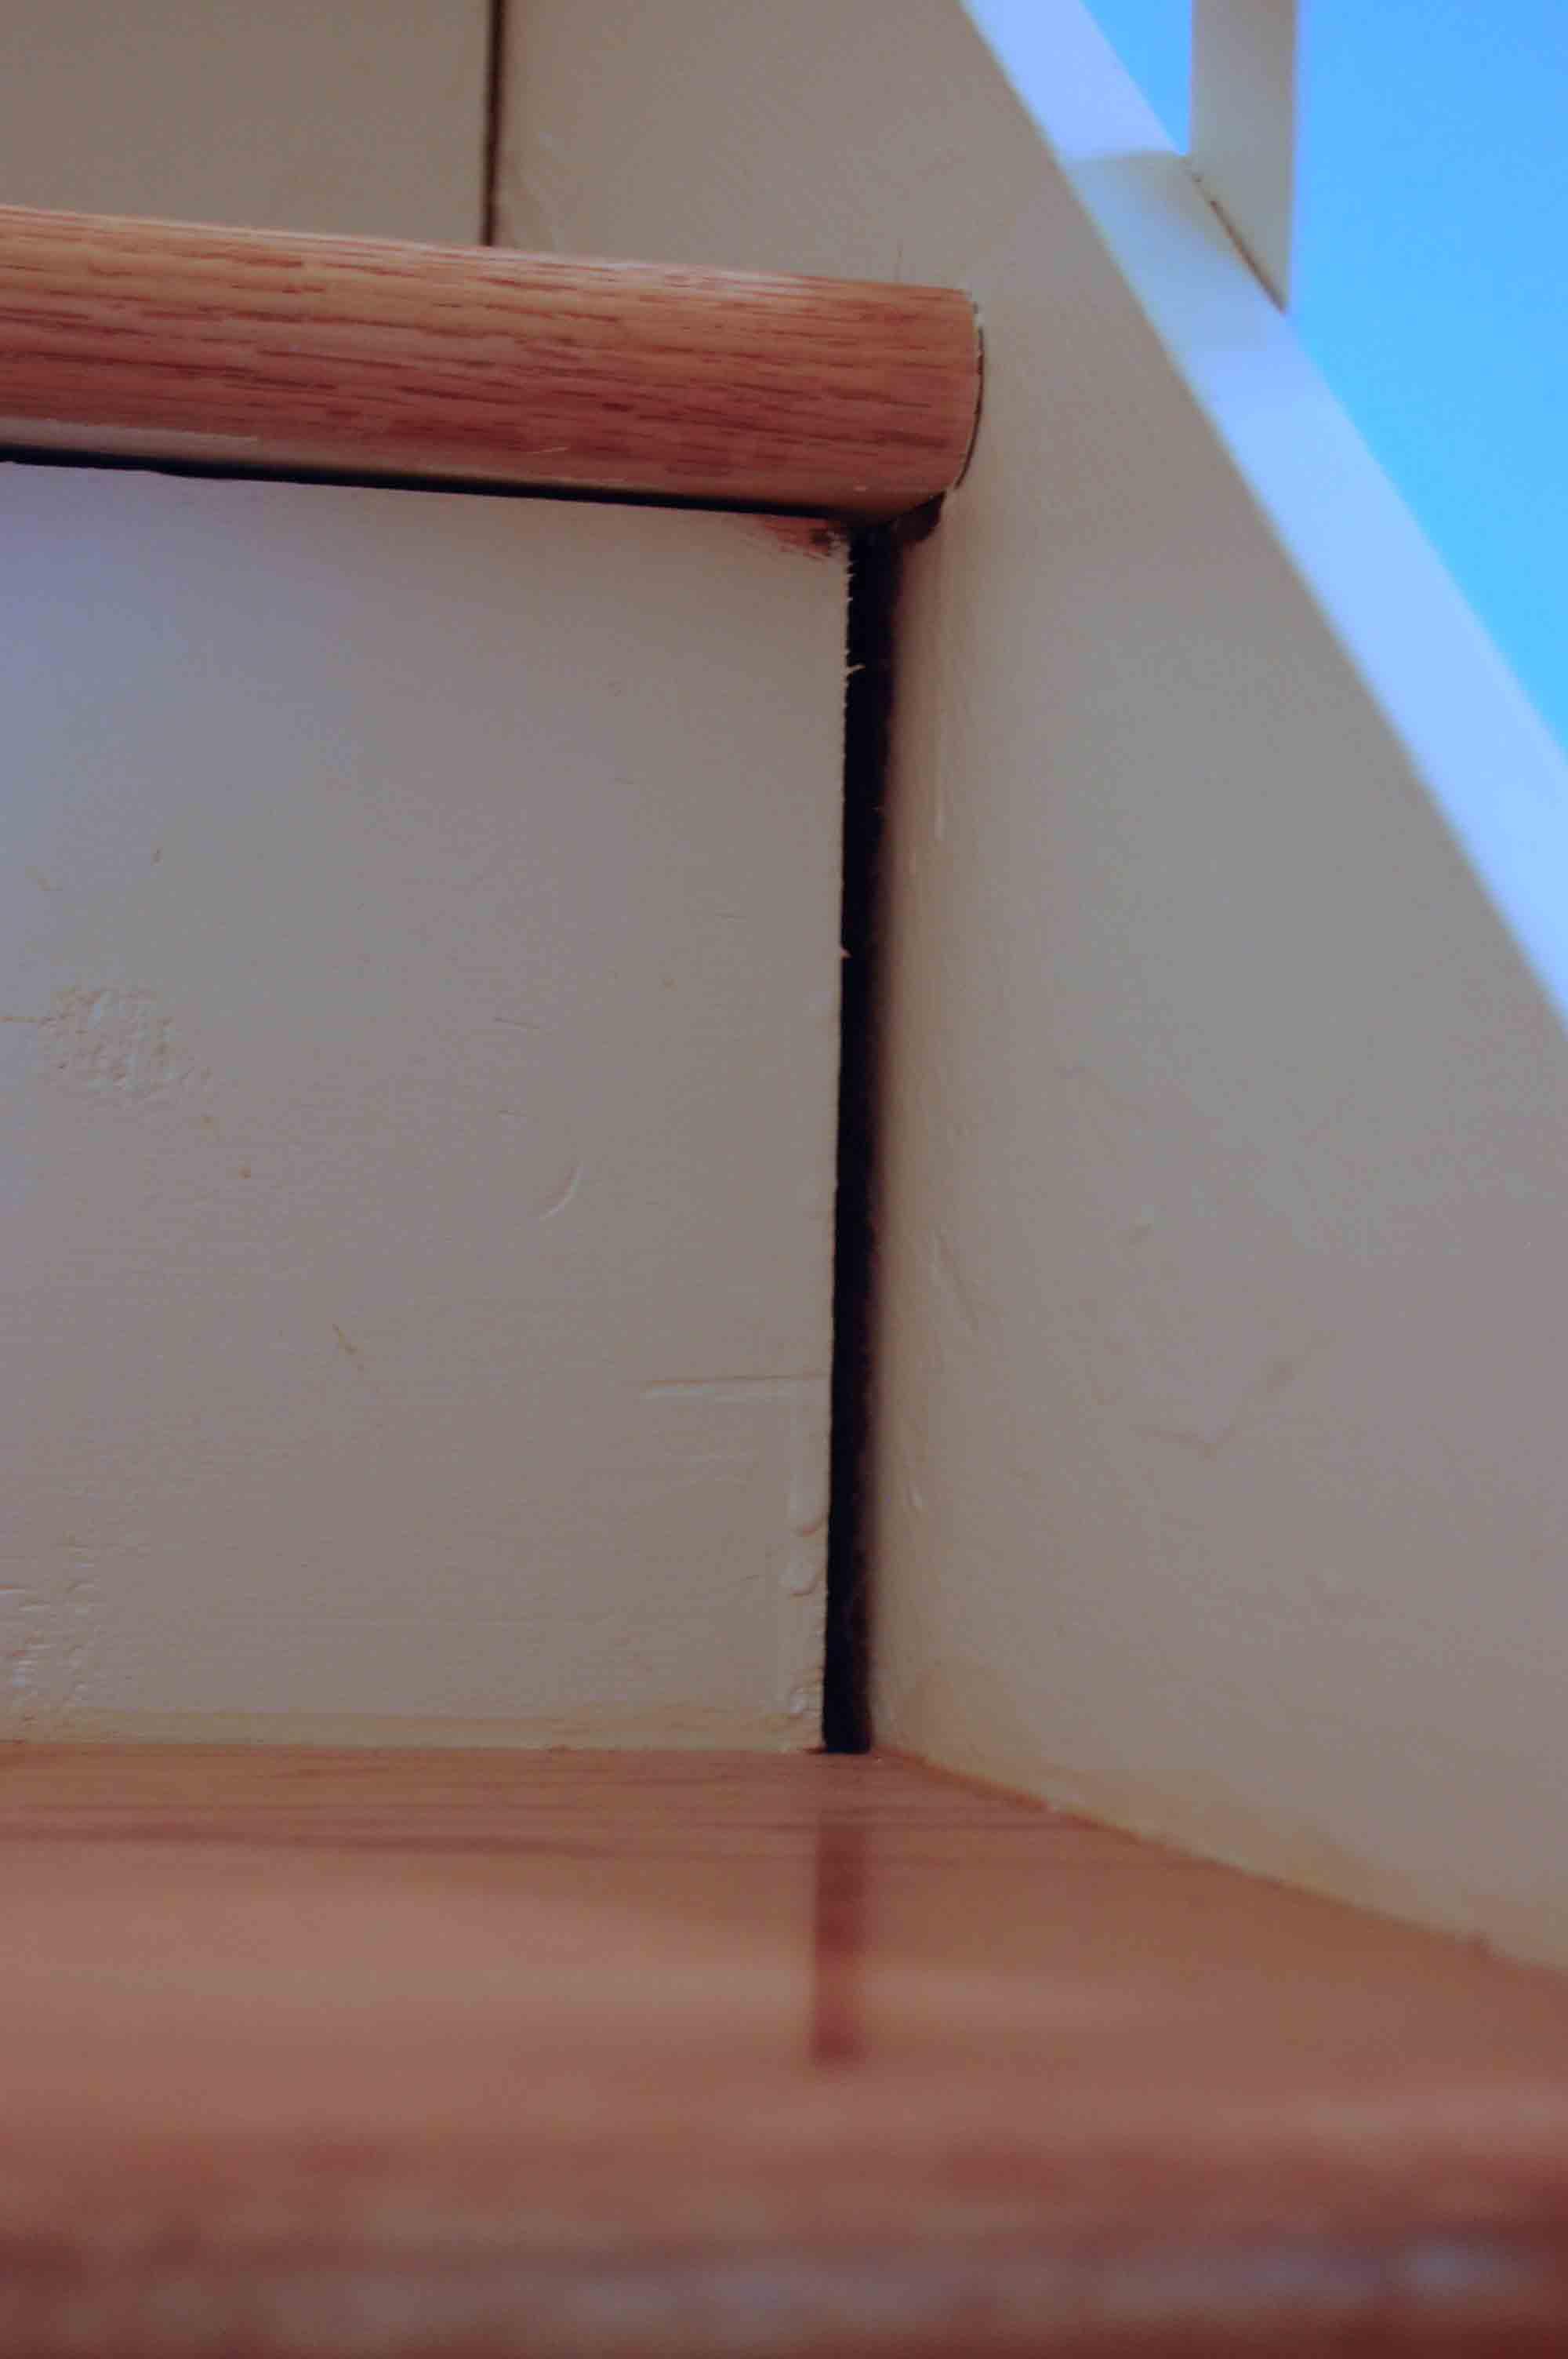 Fix gaps in stairs-stair-gap1-diy.jpg